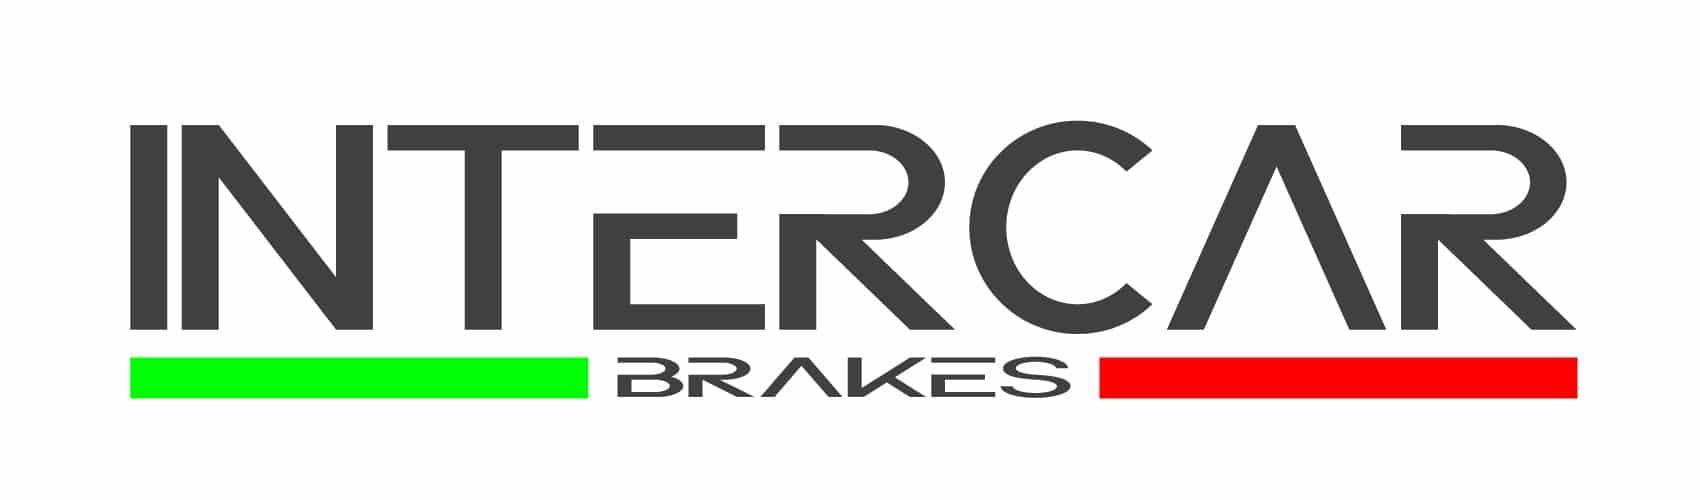 InterCar logo